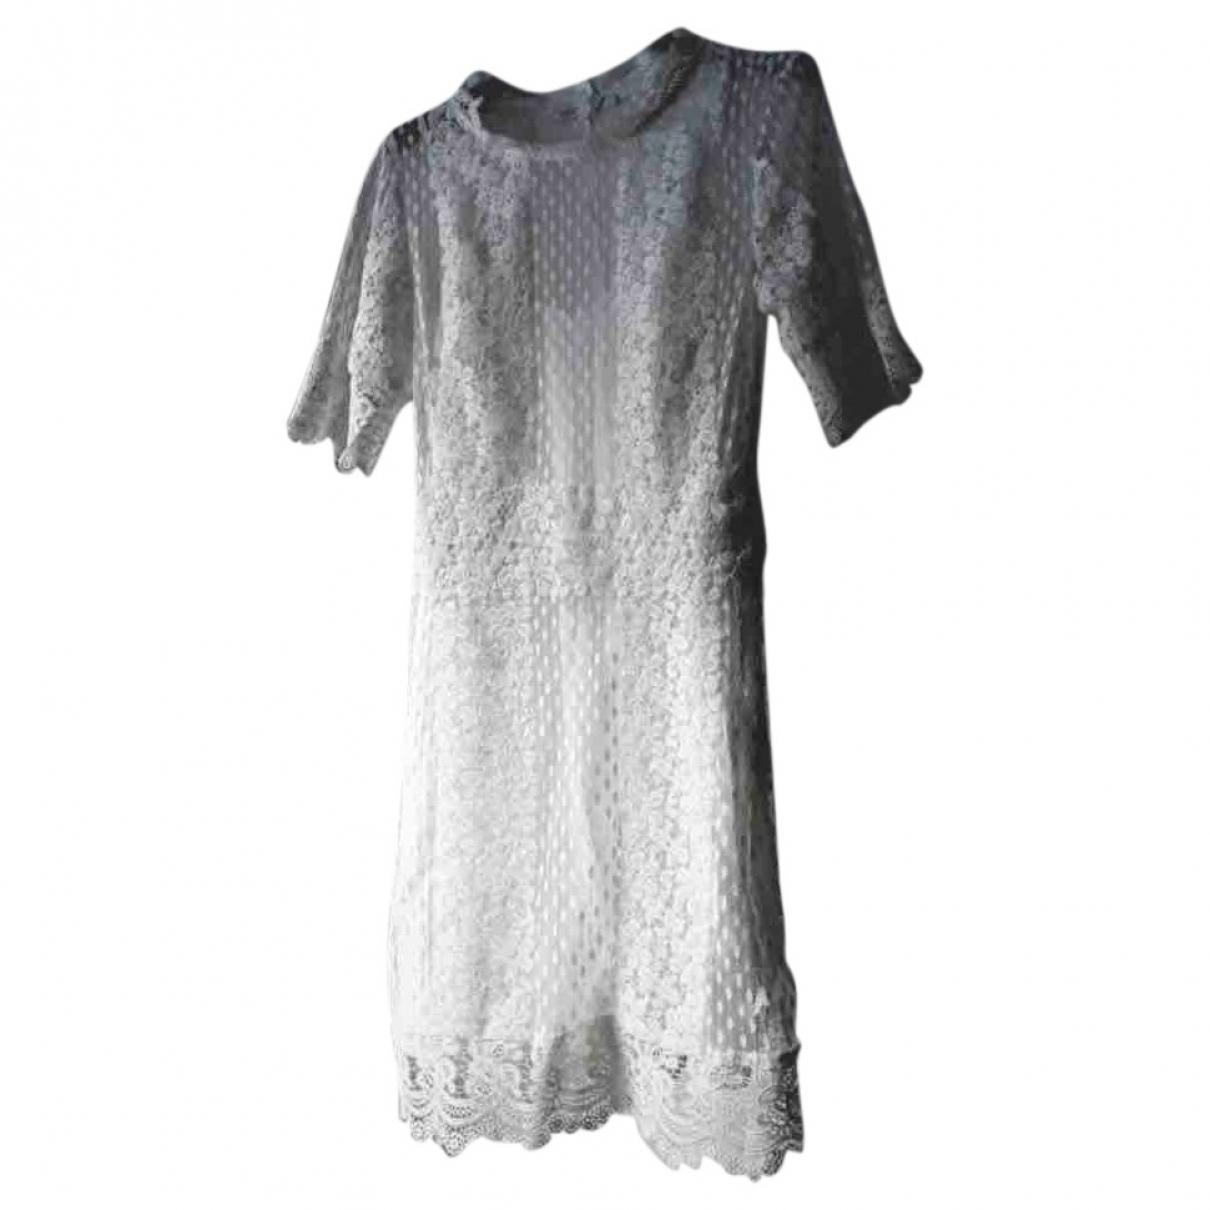 Maje Spring Summer 2019 Kleid in  Weiss Baumwolle